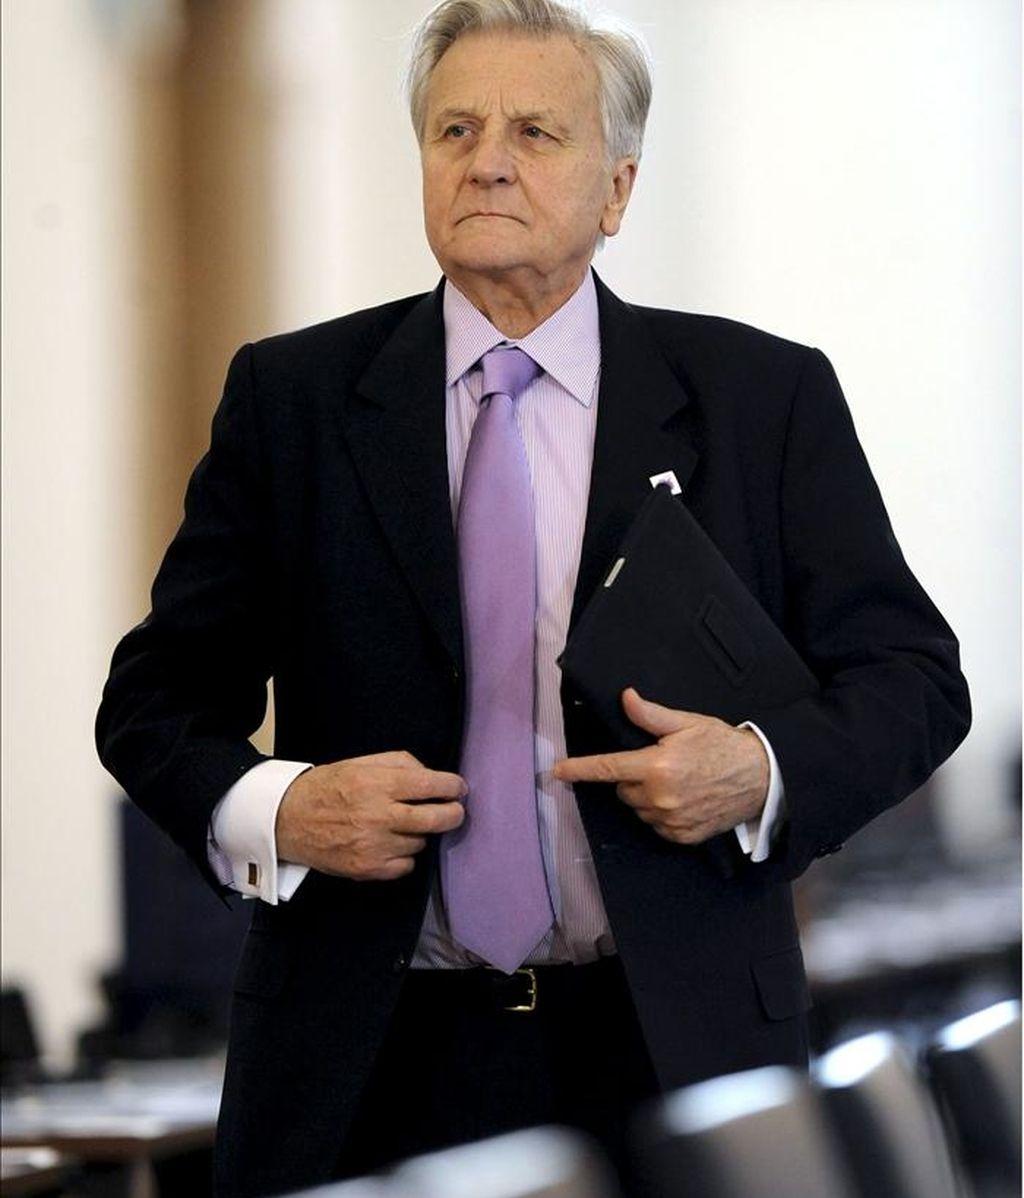 El presidente del Banco Central Europeo (BCE), el francés Jean-Claude Trichet, ganó el año pasado 367.863 euros, un 2 % más que en 2009 (360.612 euros), según el informe anual de 2010 que la entidad publicó hoy. EFE/Archivo